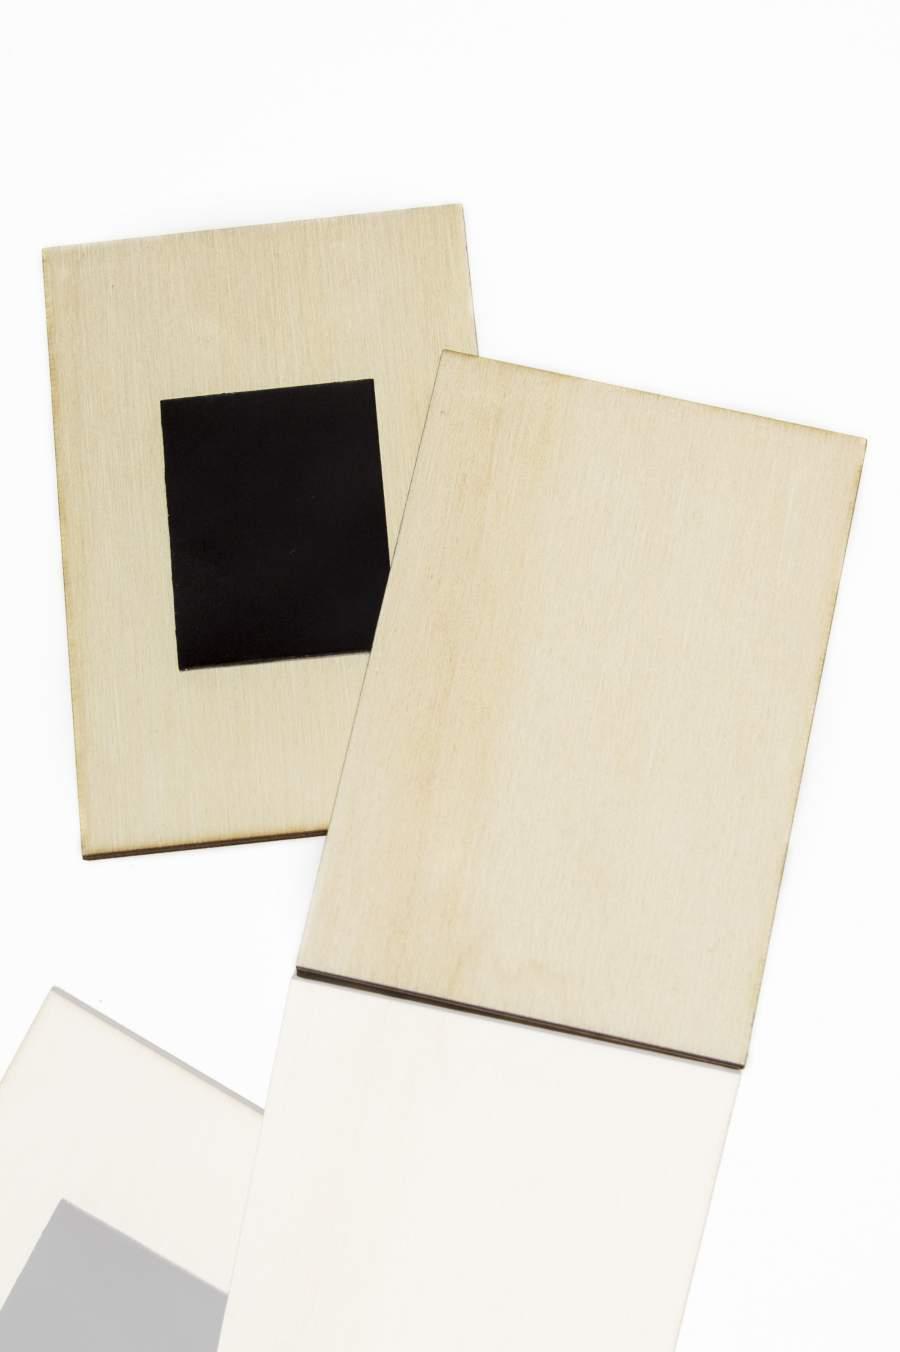 102. Placă din lemn pentru magnet frigider, felie dreptunghiulară 90x60mm